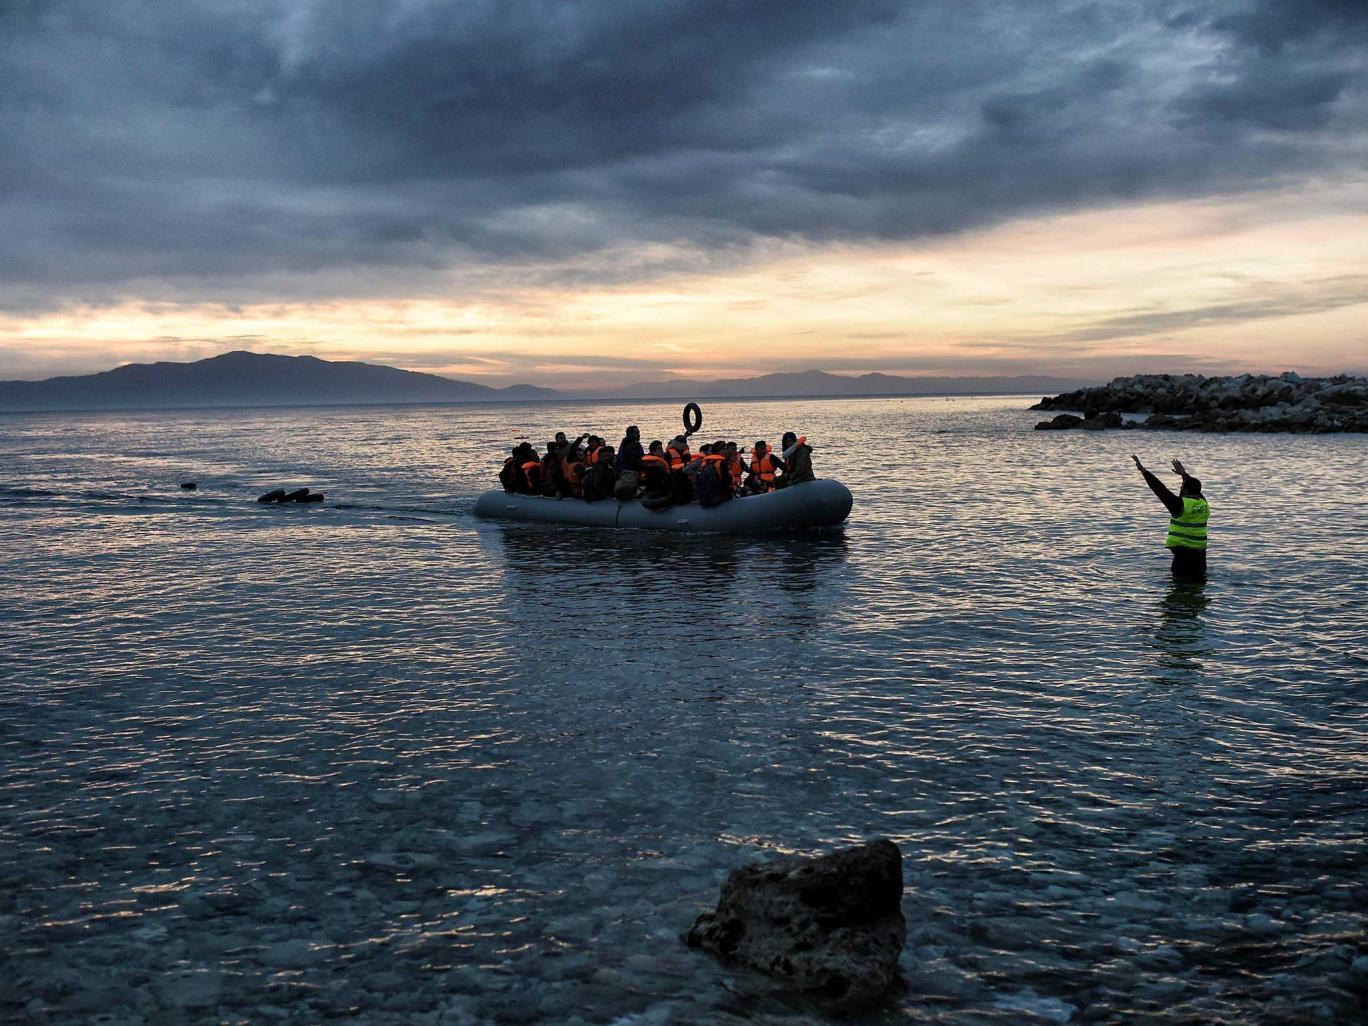 مأساة ألاف اللاجئين العالقين في اليونان